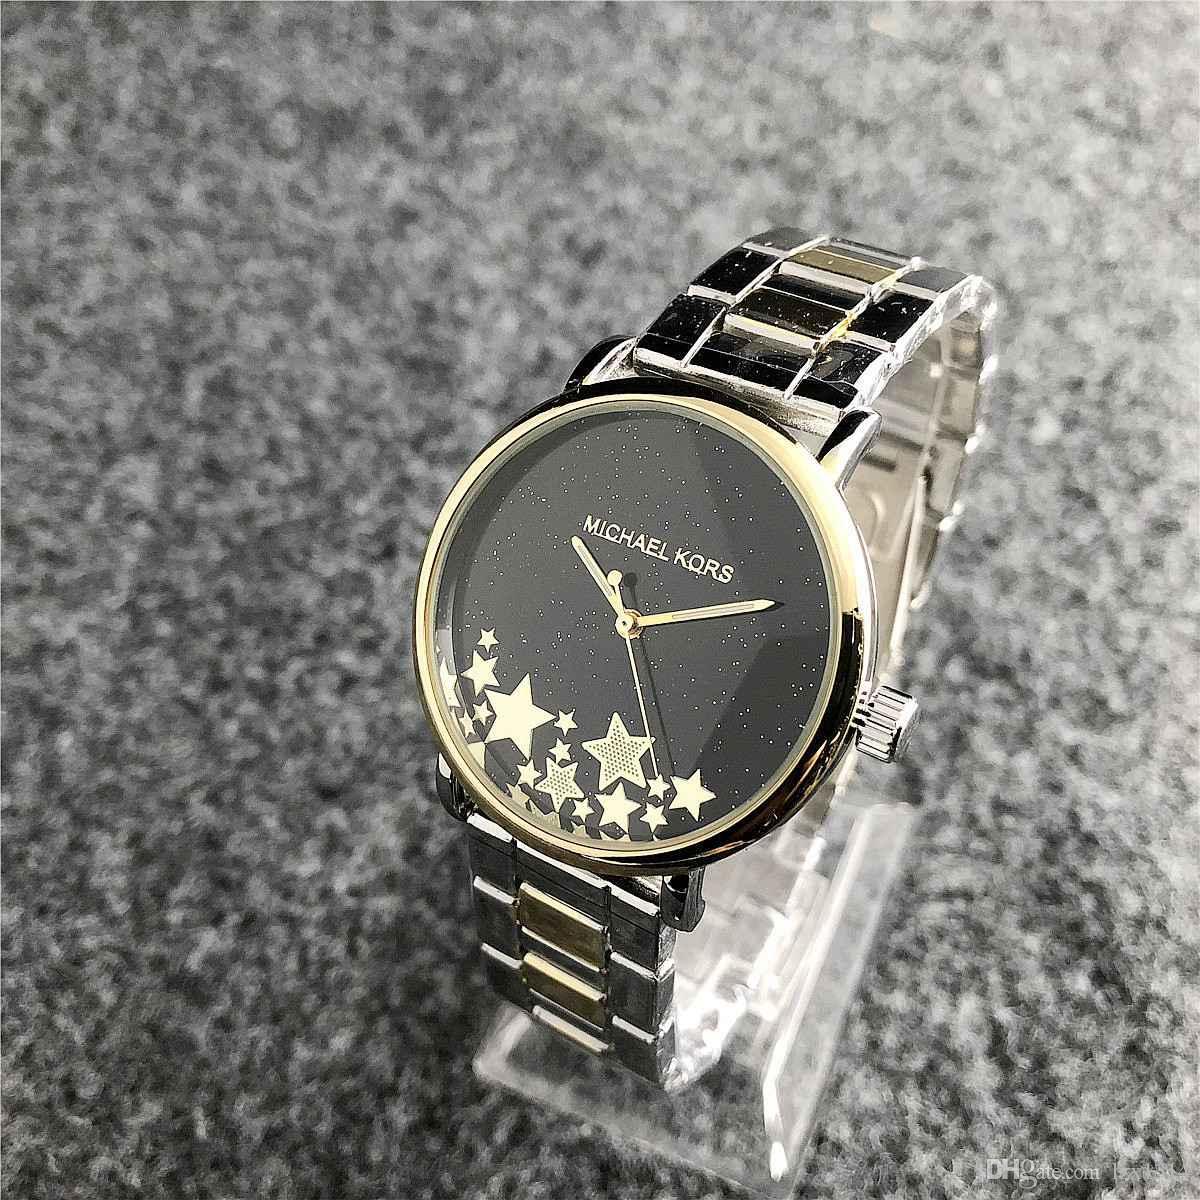 Compre 2019 Marca De Moda De Lujo Para Mujer Reloj Casual De Acero  Inoxidable Reloj De Cuarzo Personalidad Romántica Estrella Reloj De  Diamantes De ... c6211ca53c19